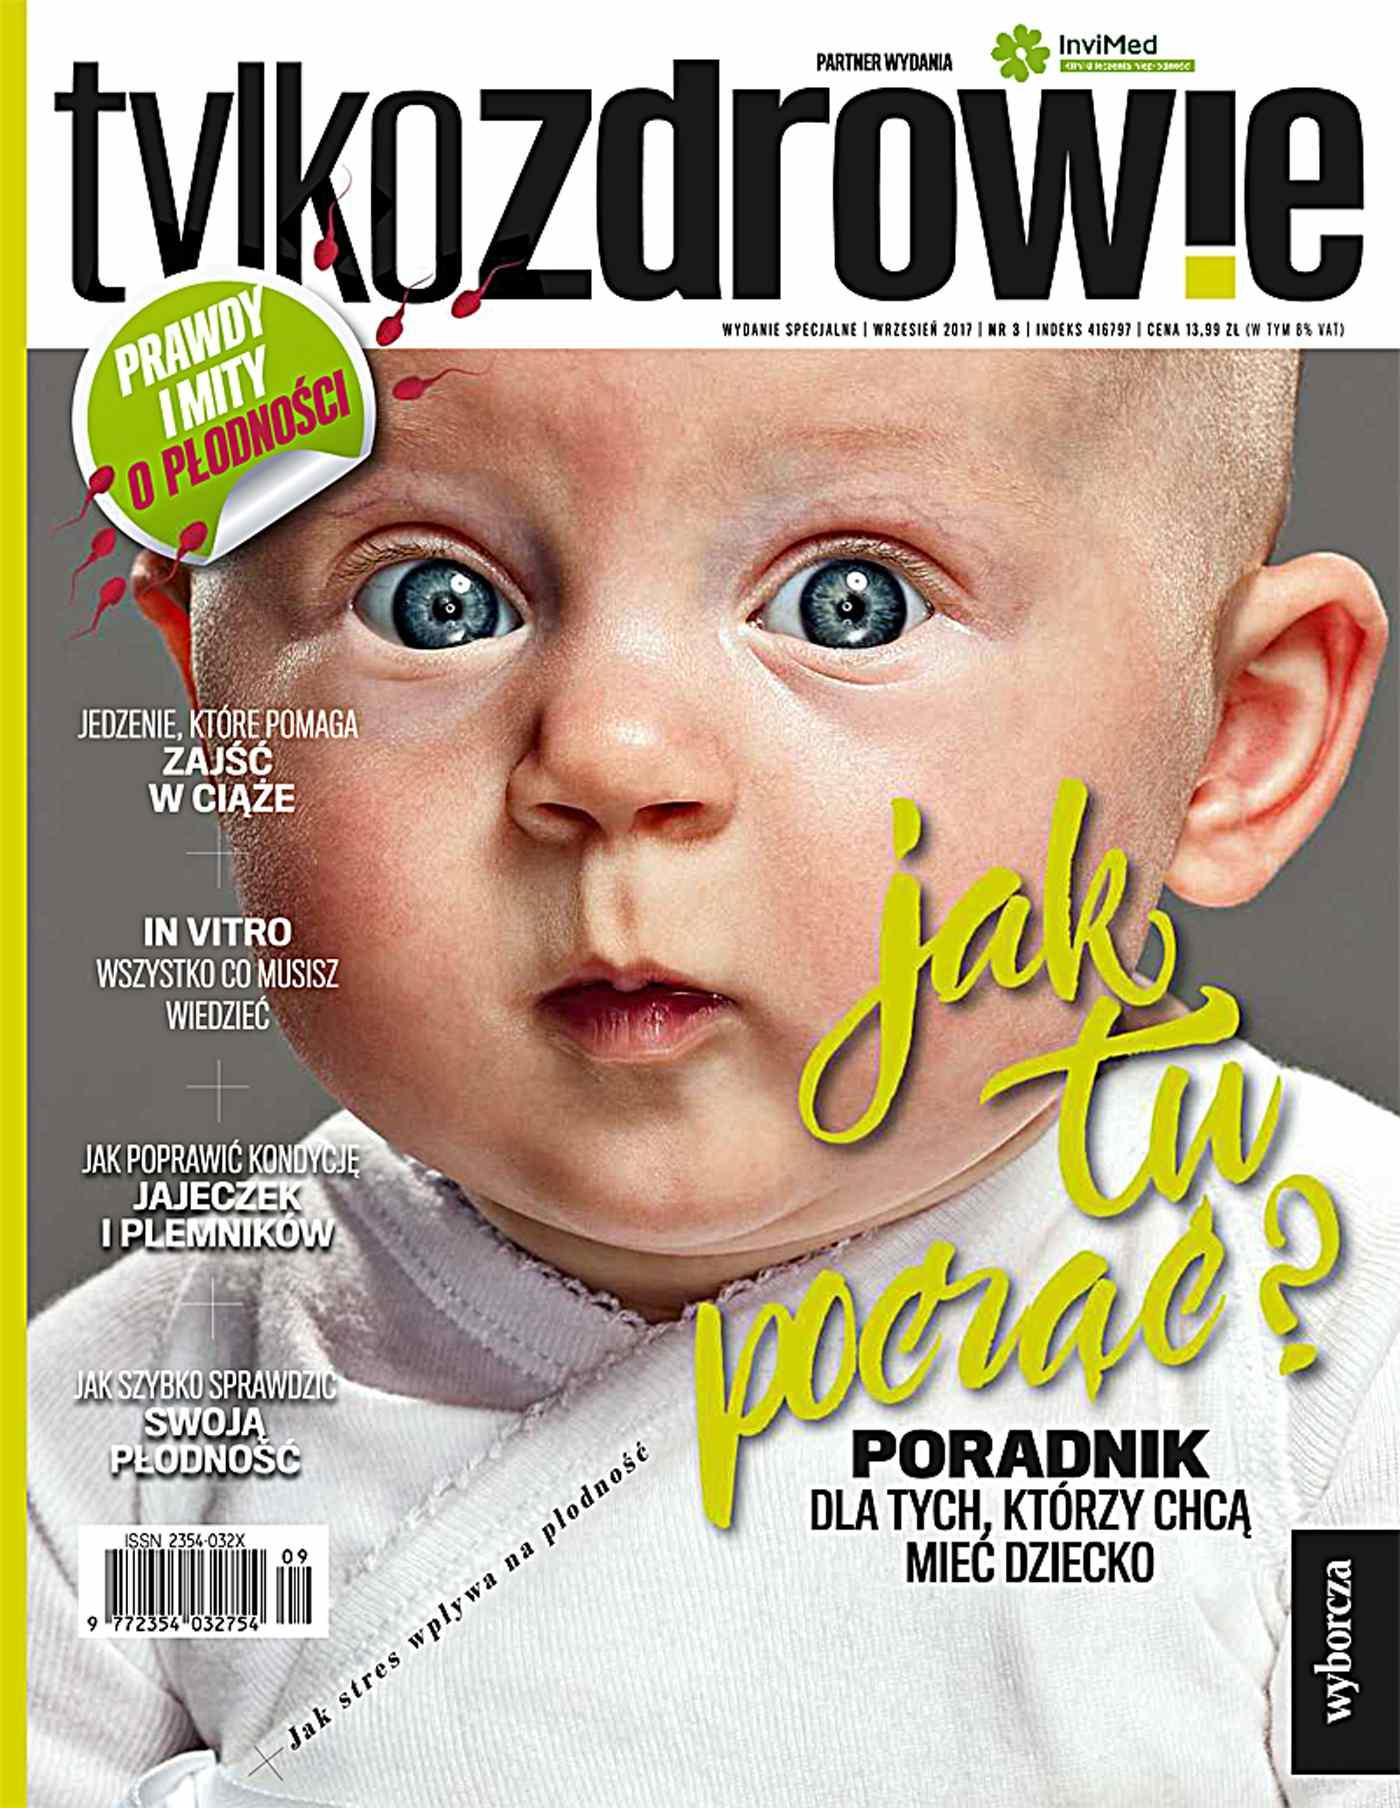 Tylko Zdrowie. Wydanie Specjalne 3/2017 Poradnik dla tych którzy chcą mieć dziecko - Ebook (Książka EPUB) do pobrania w formacie EPUB